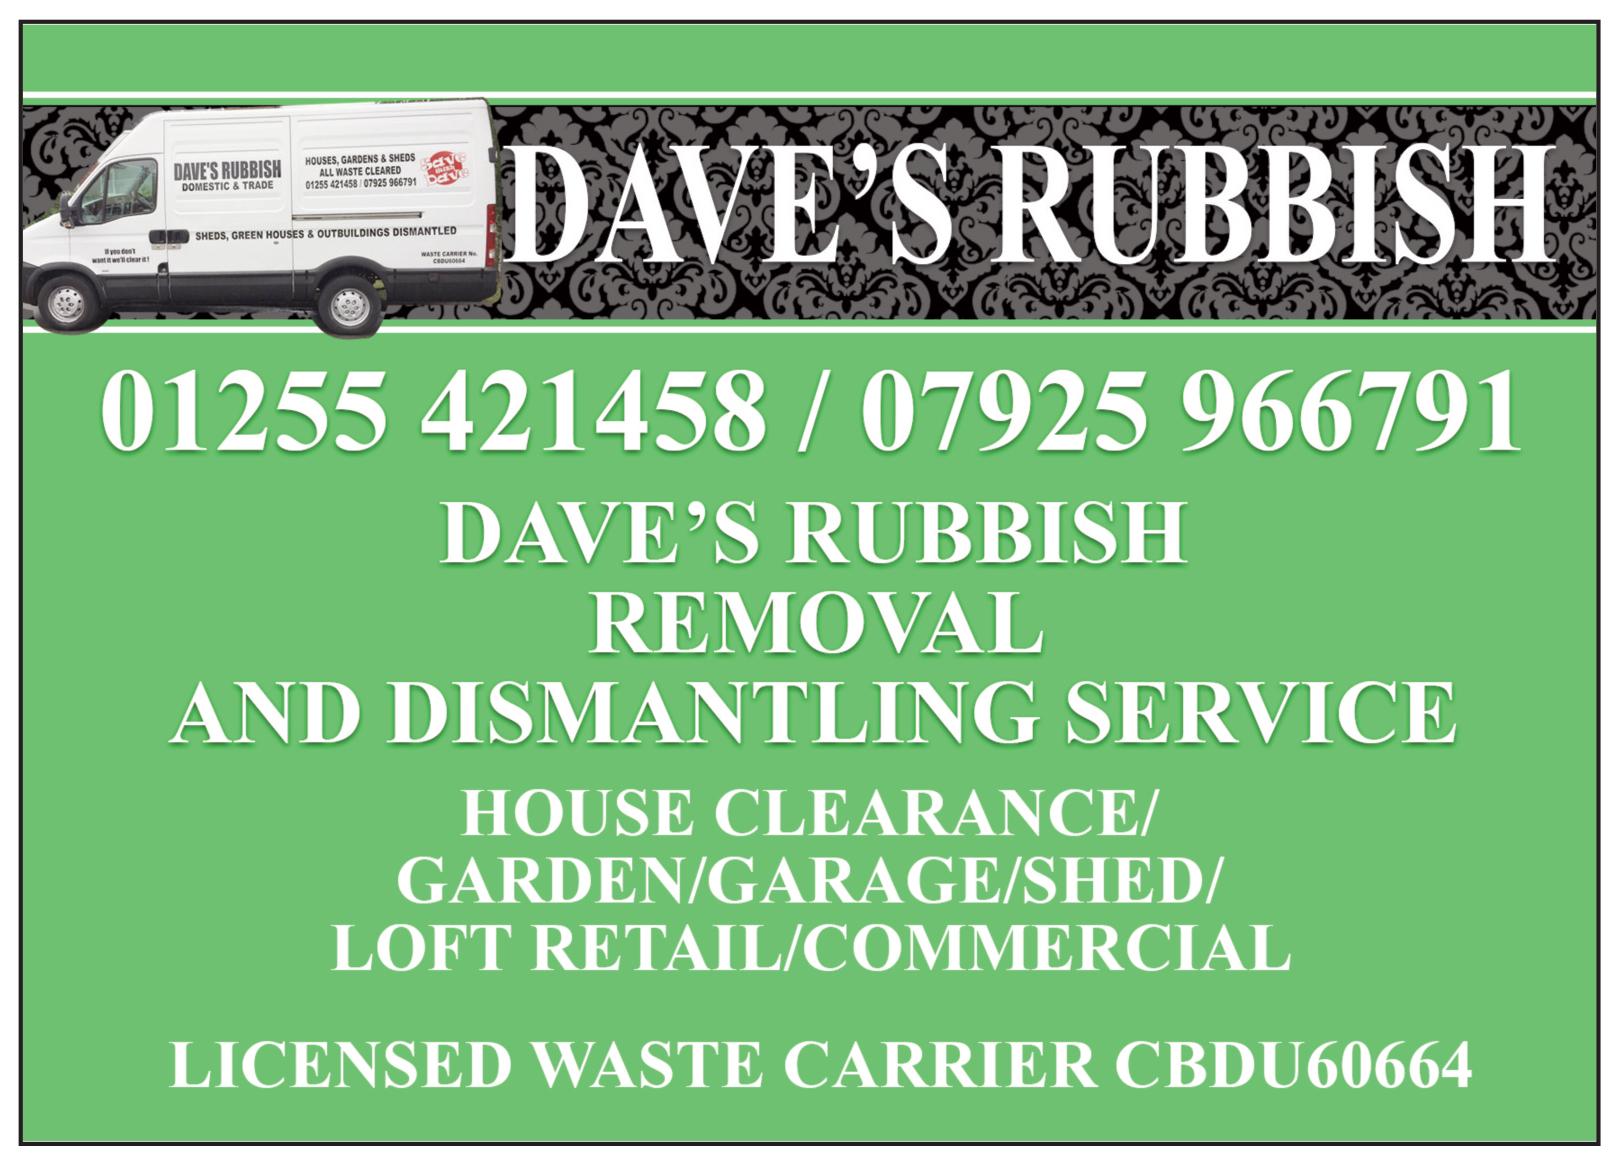 Dave's Rubbish Removal